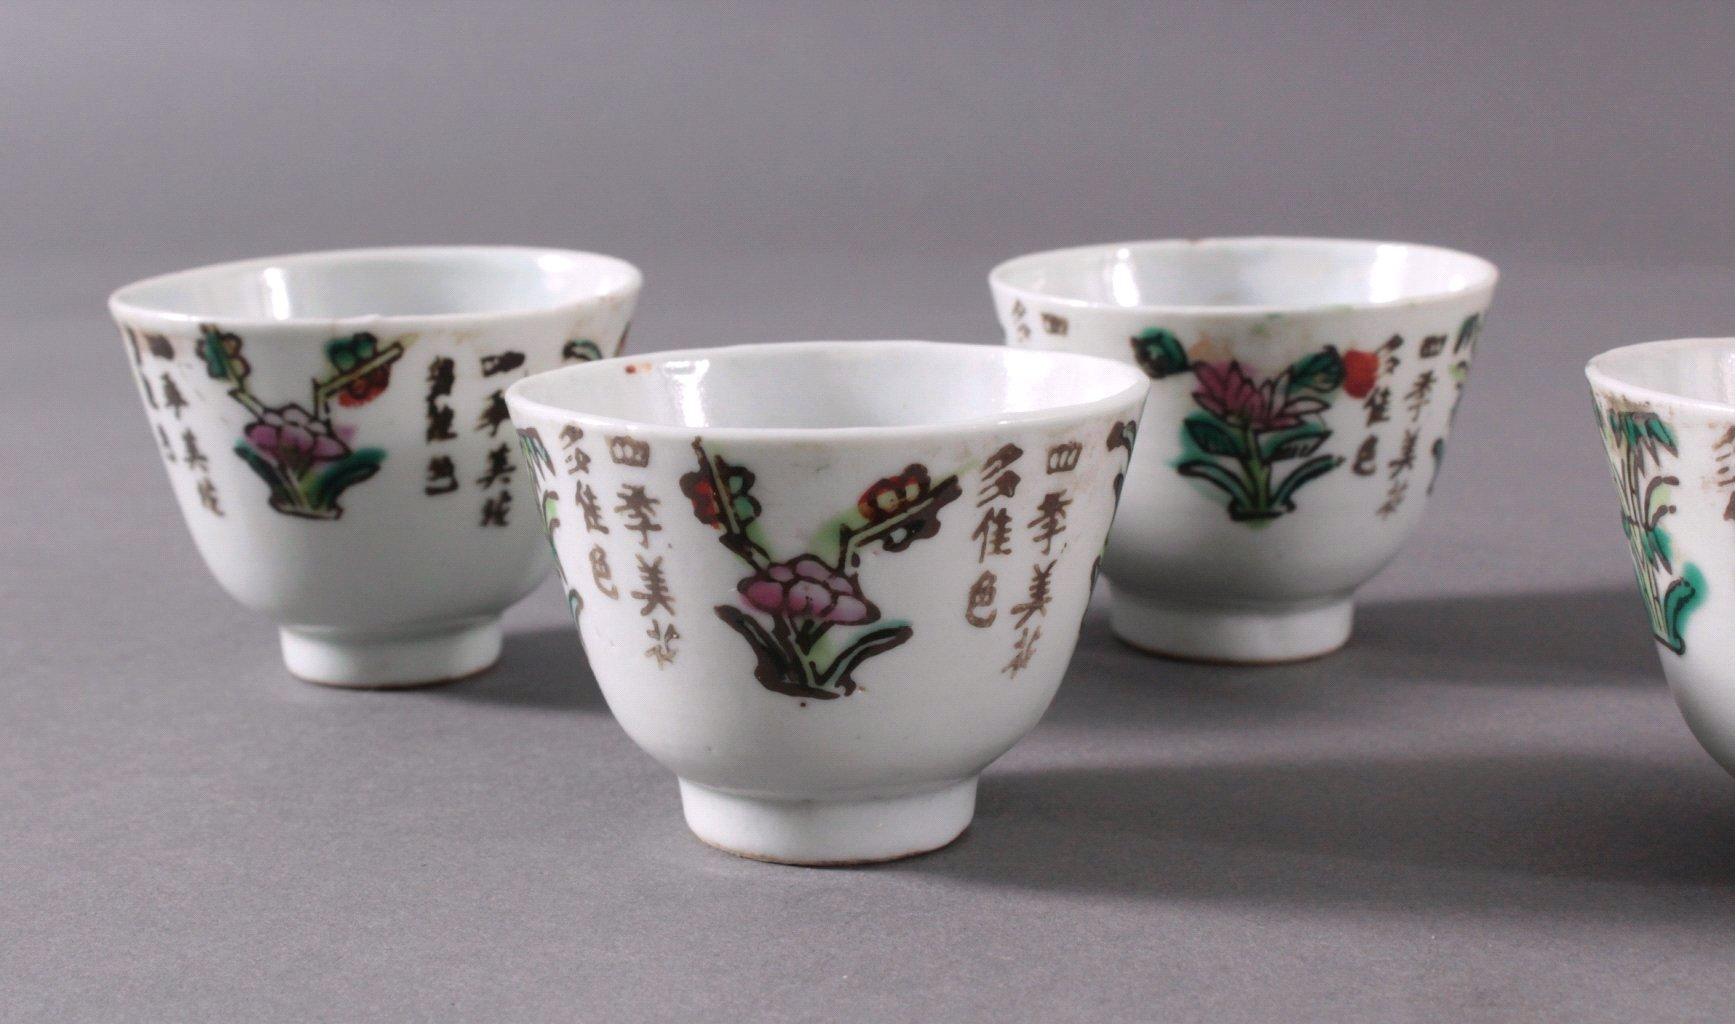 5 Sake Schalen um 1900-2